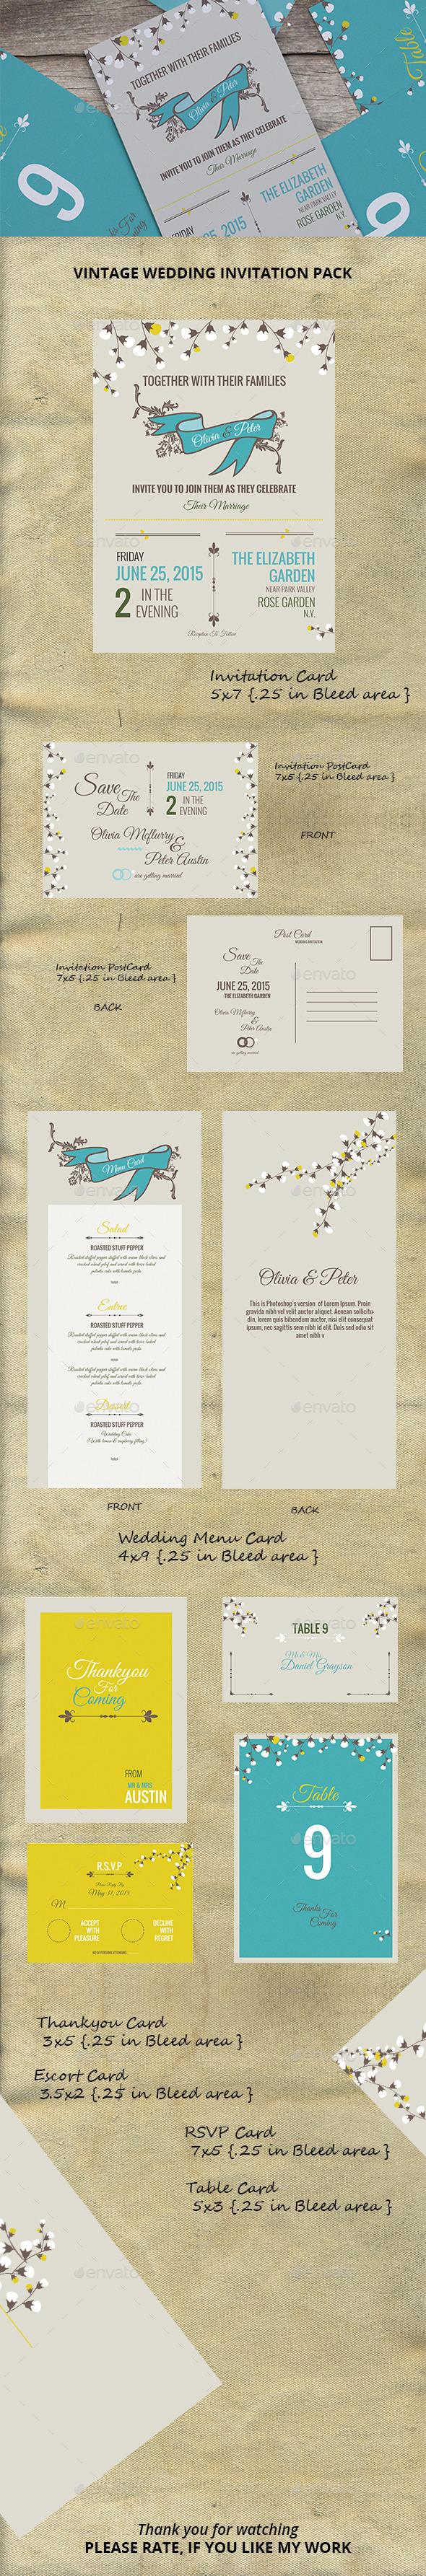 Vintage Wedding Invitation Pack - Cards & Invites Print Templates